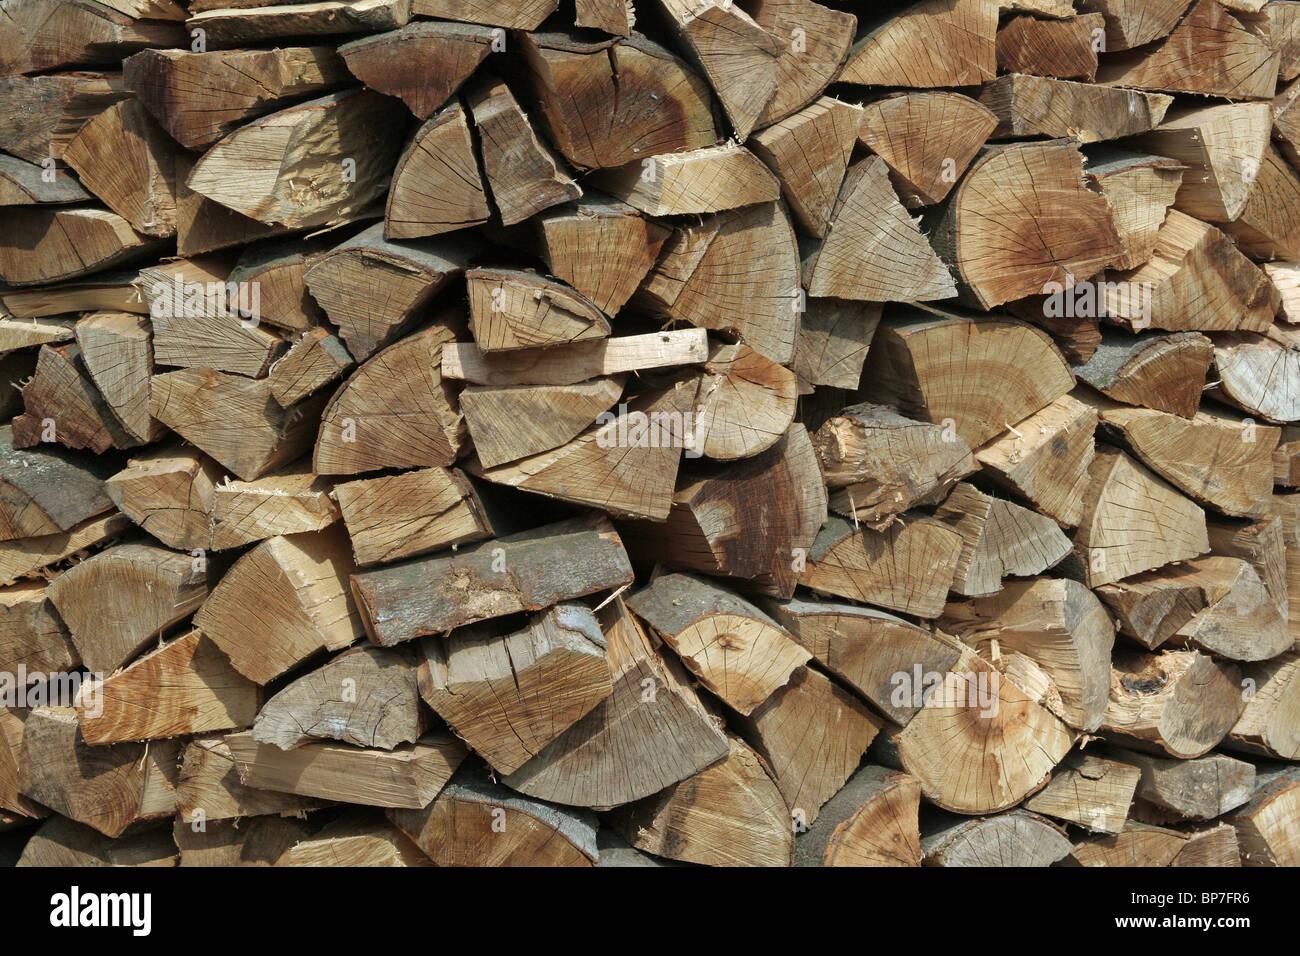 Un trito di legno di faggio per la vendita. Immagini Stock